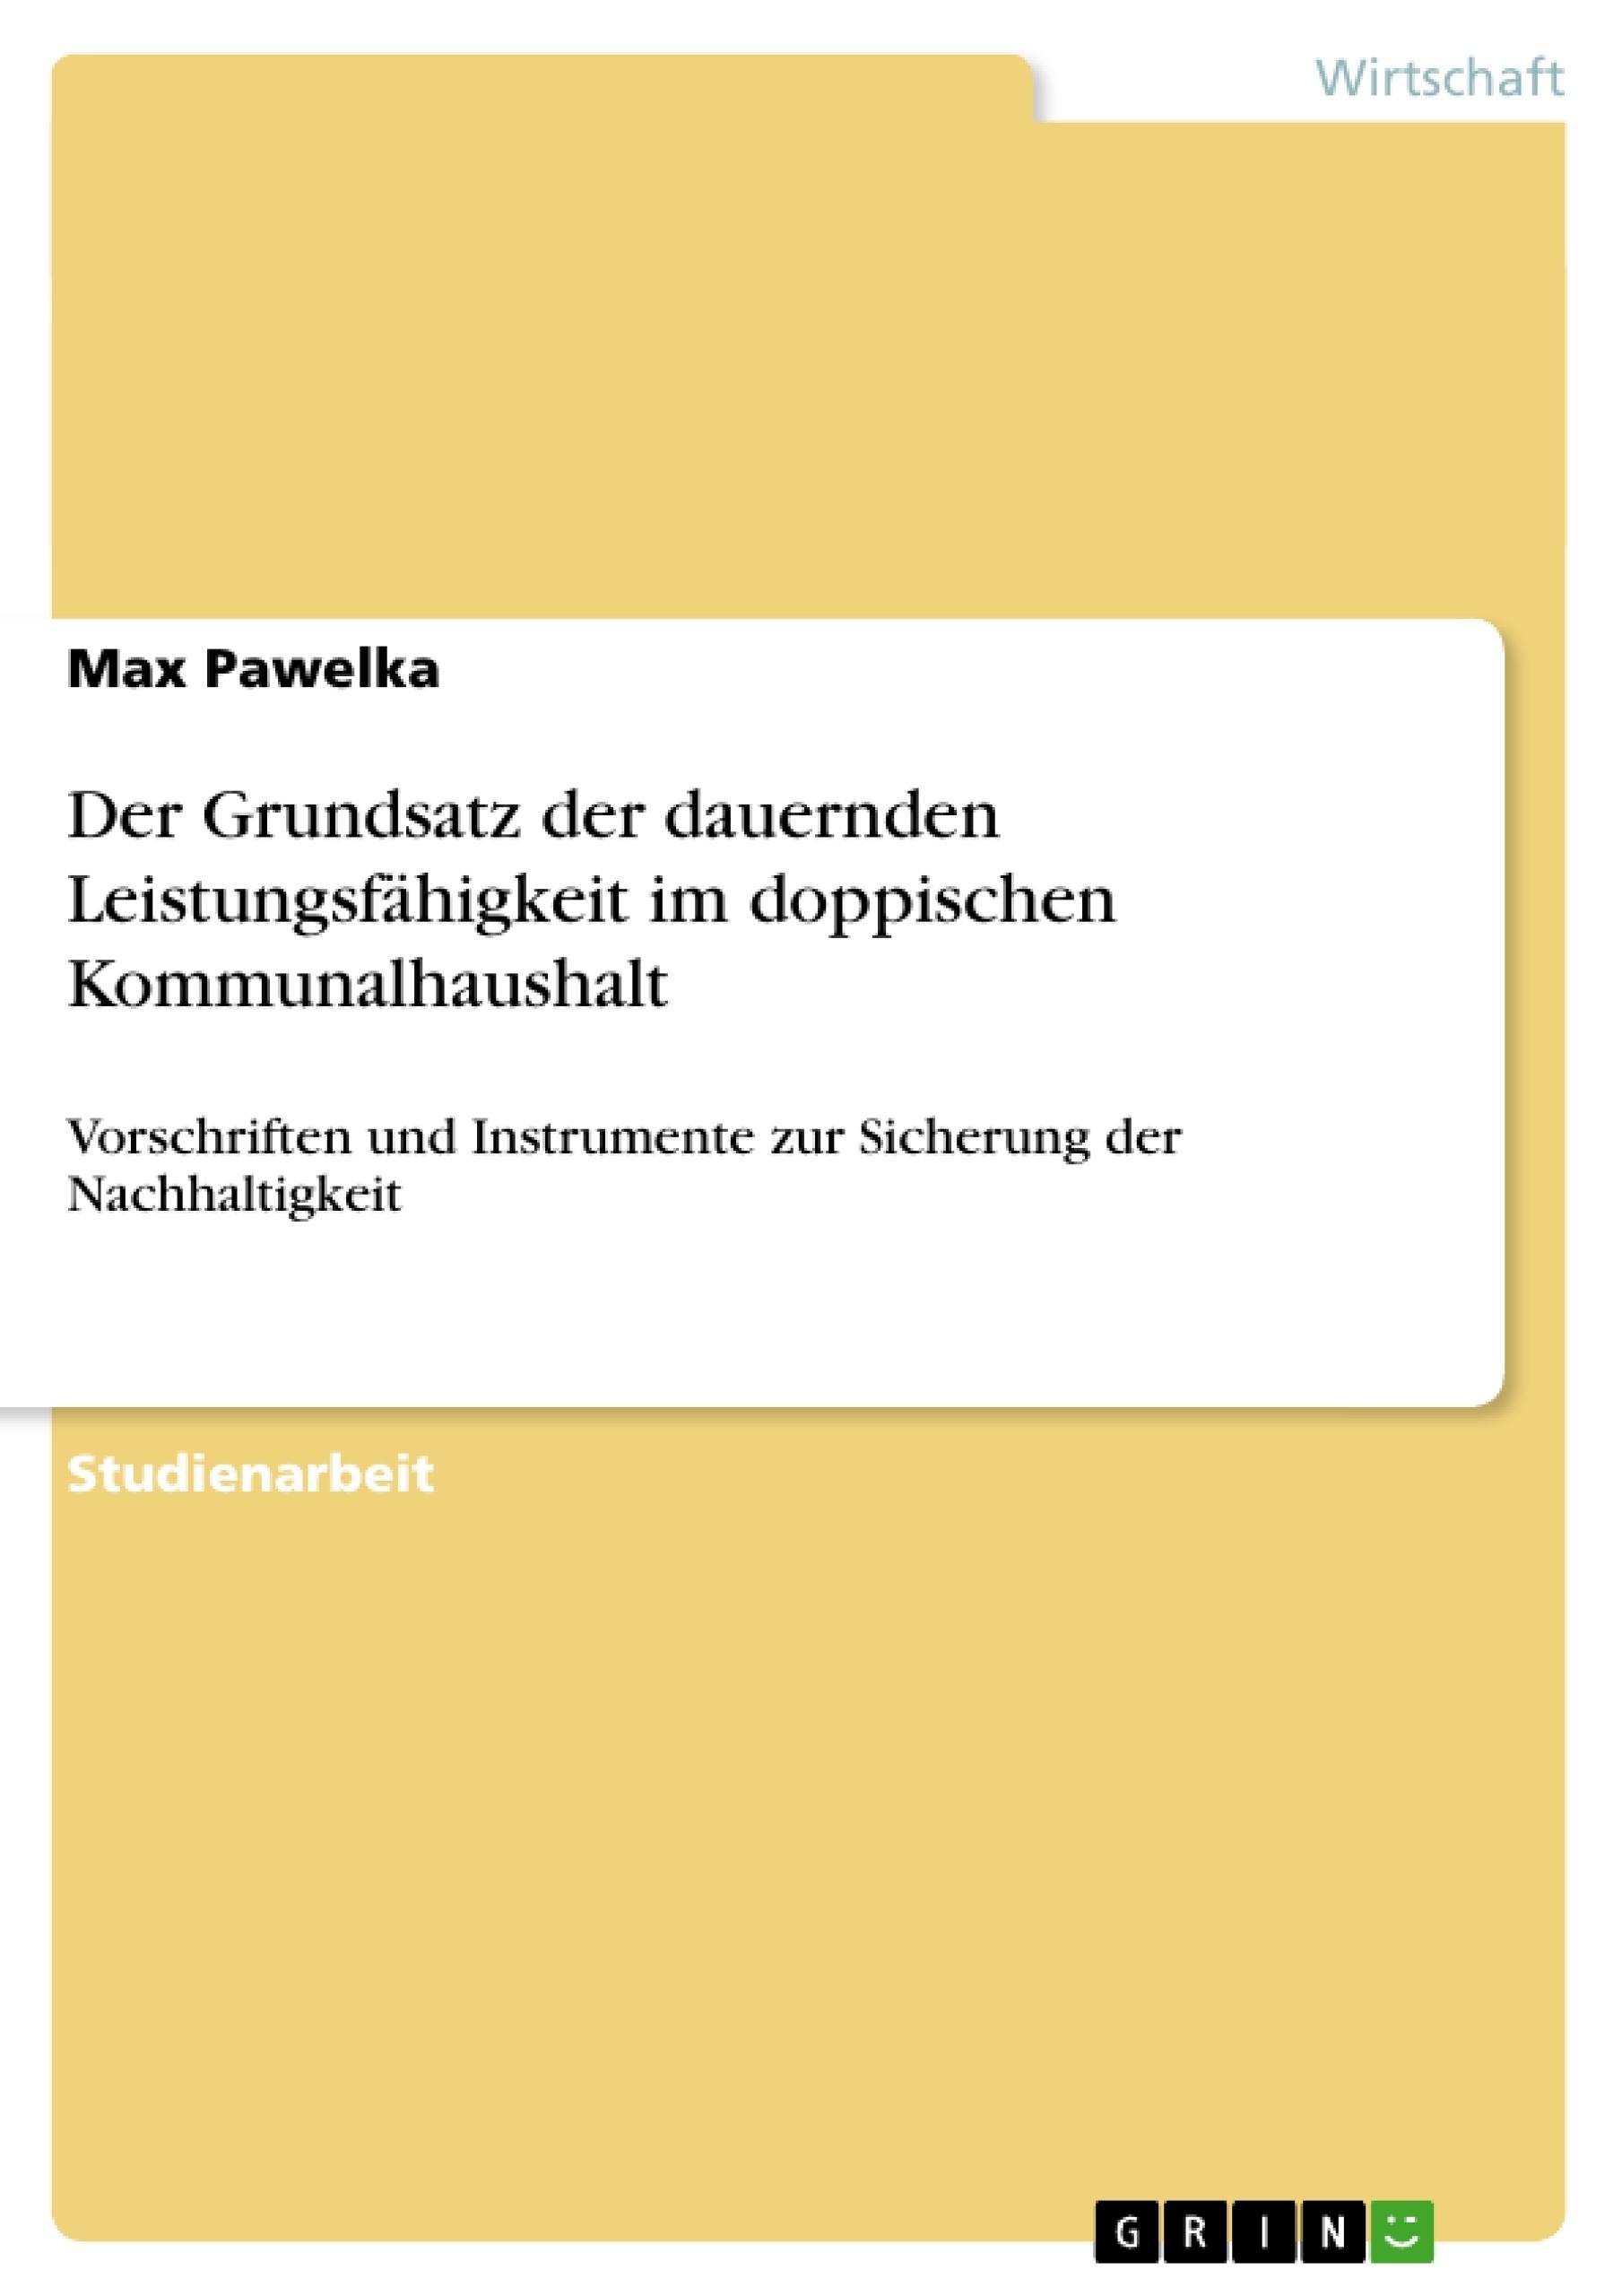 Titel: Der Grundsatz der dauernden Leistungsfähigkeit im doppischen Kommunalhaushalt